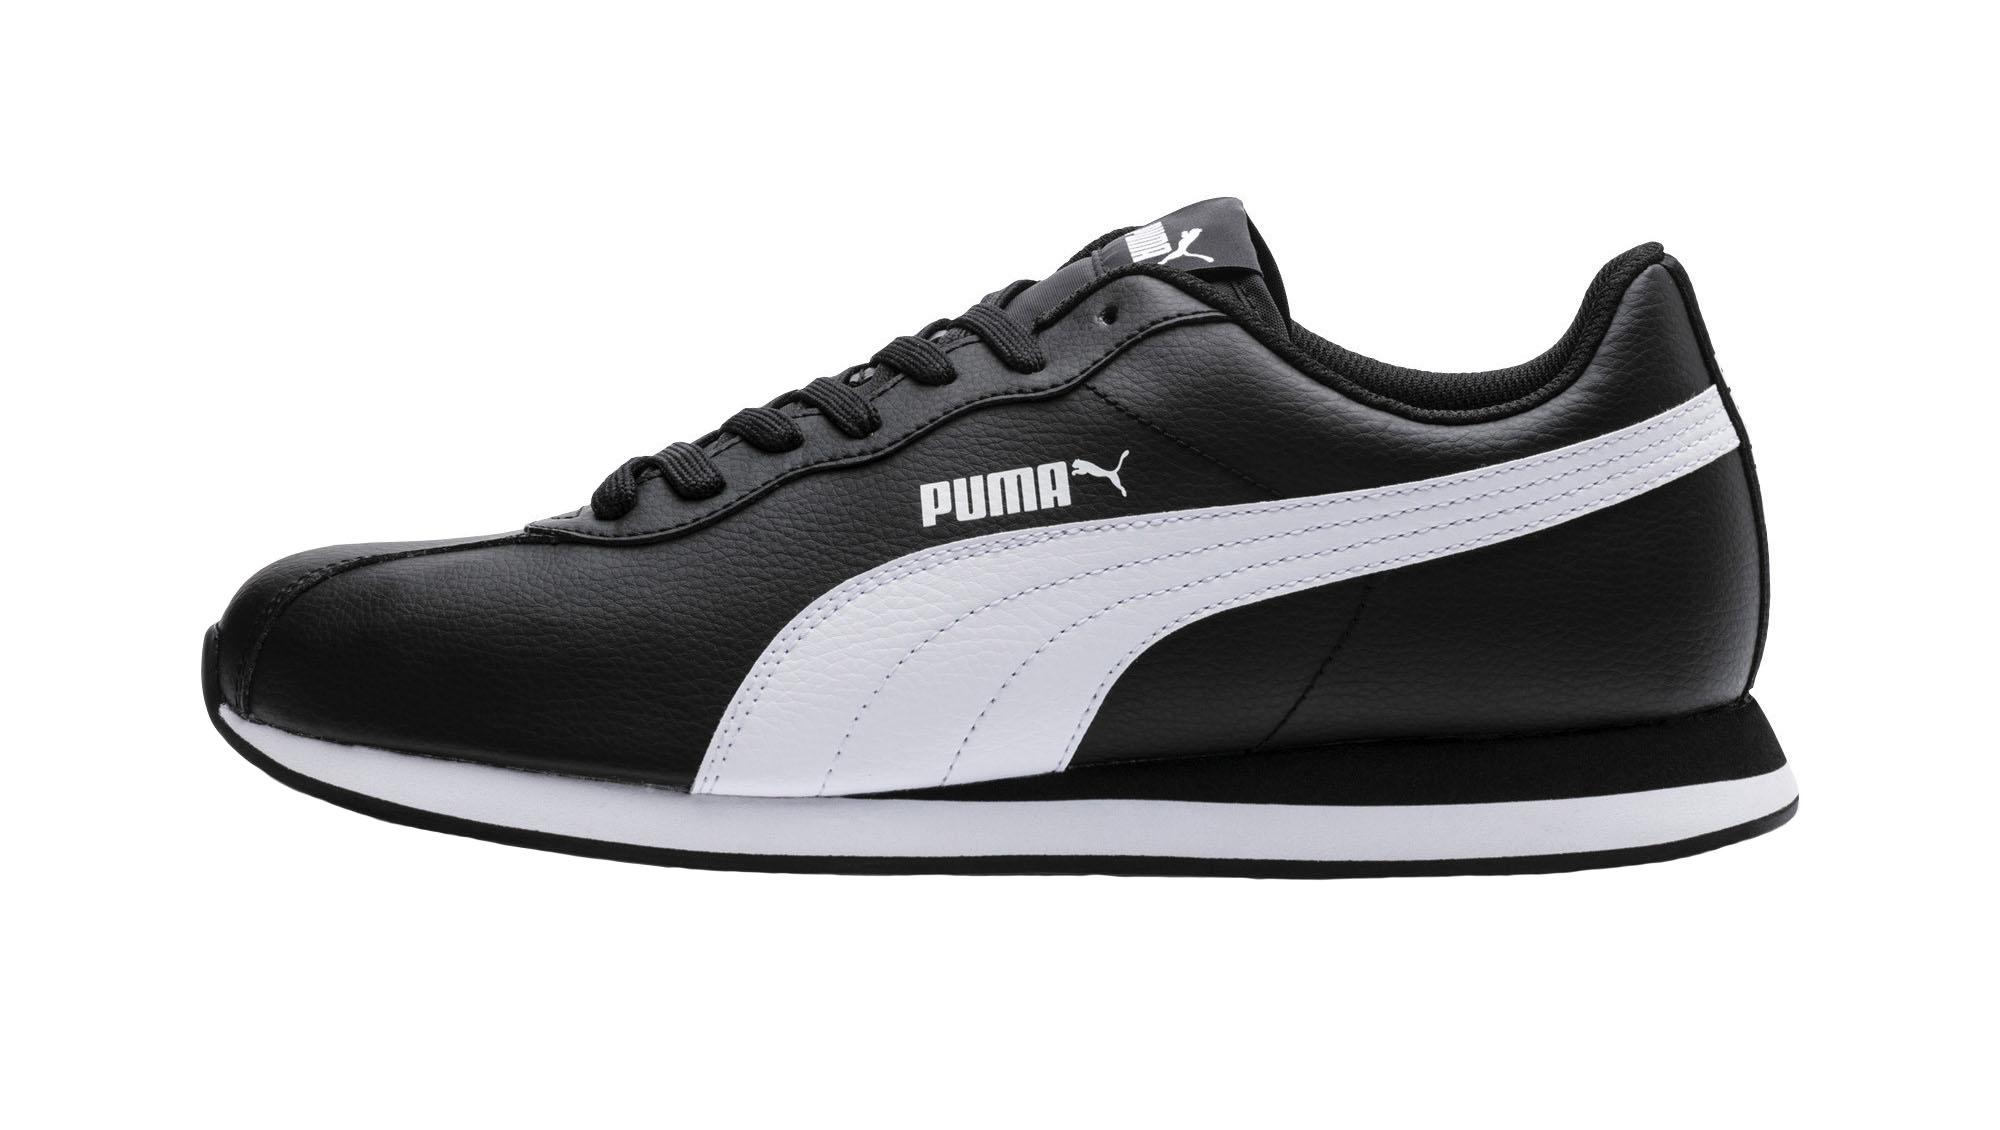 Кроссовки Puma Puma Turin II, black/white, 11 UK фото